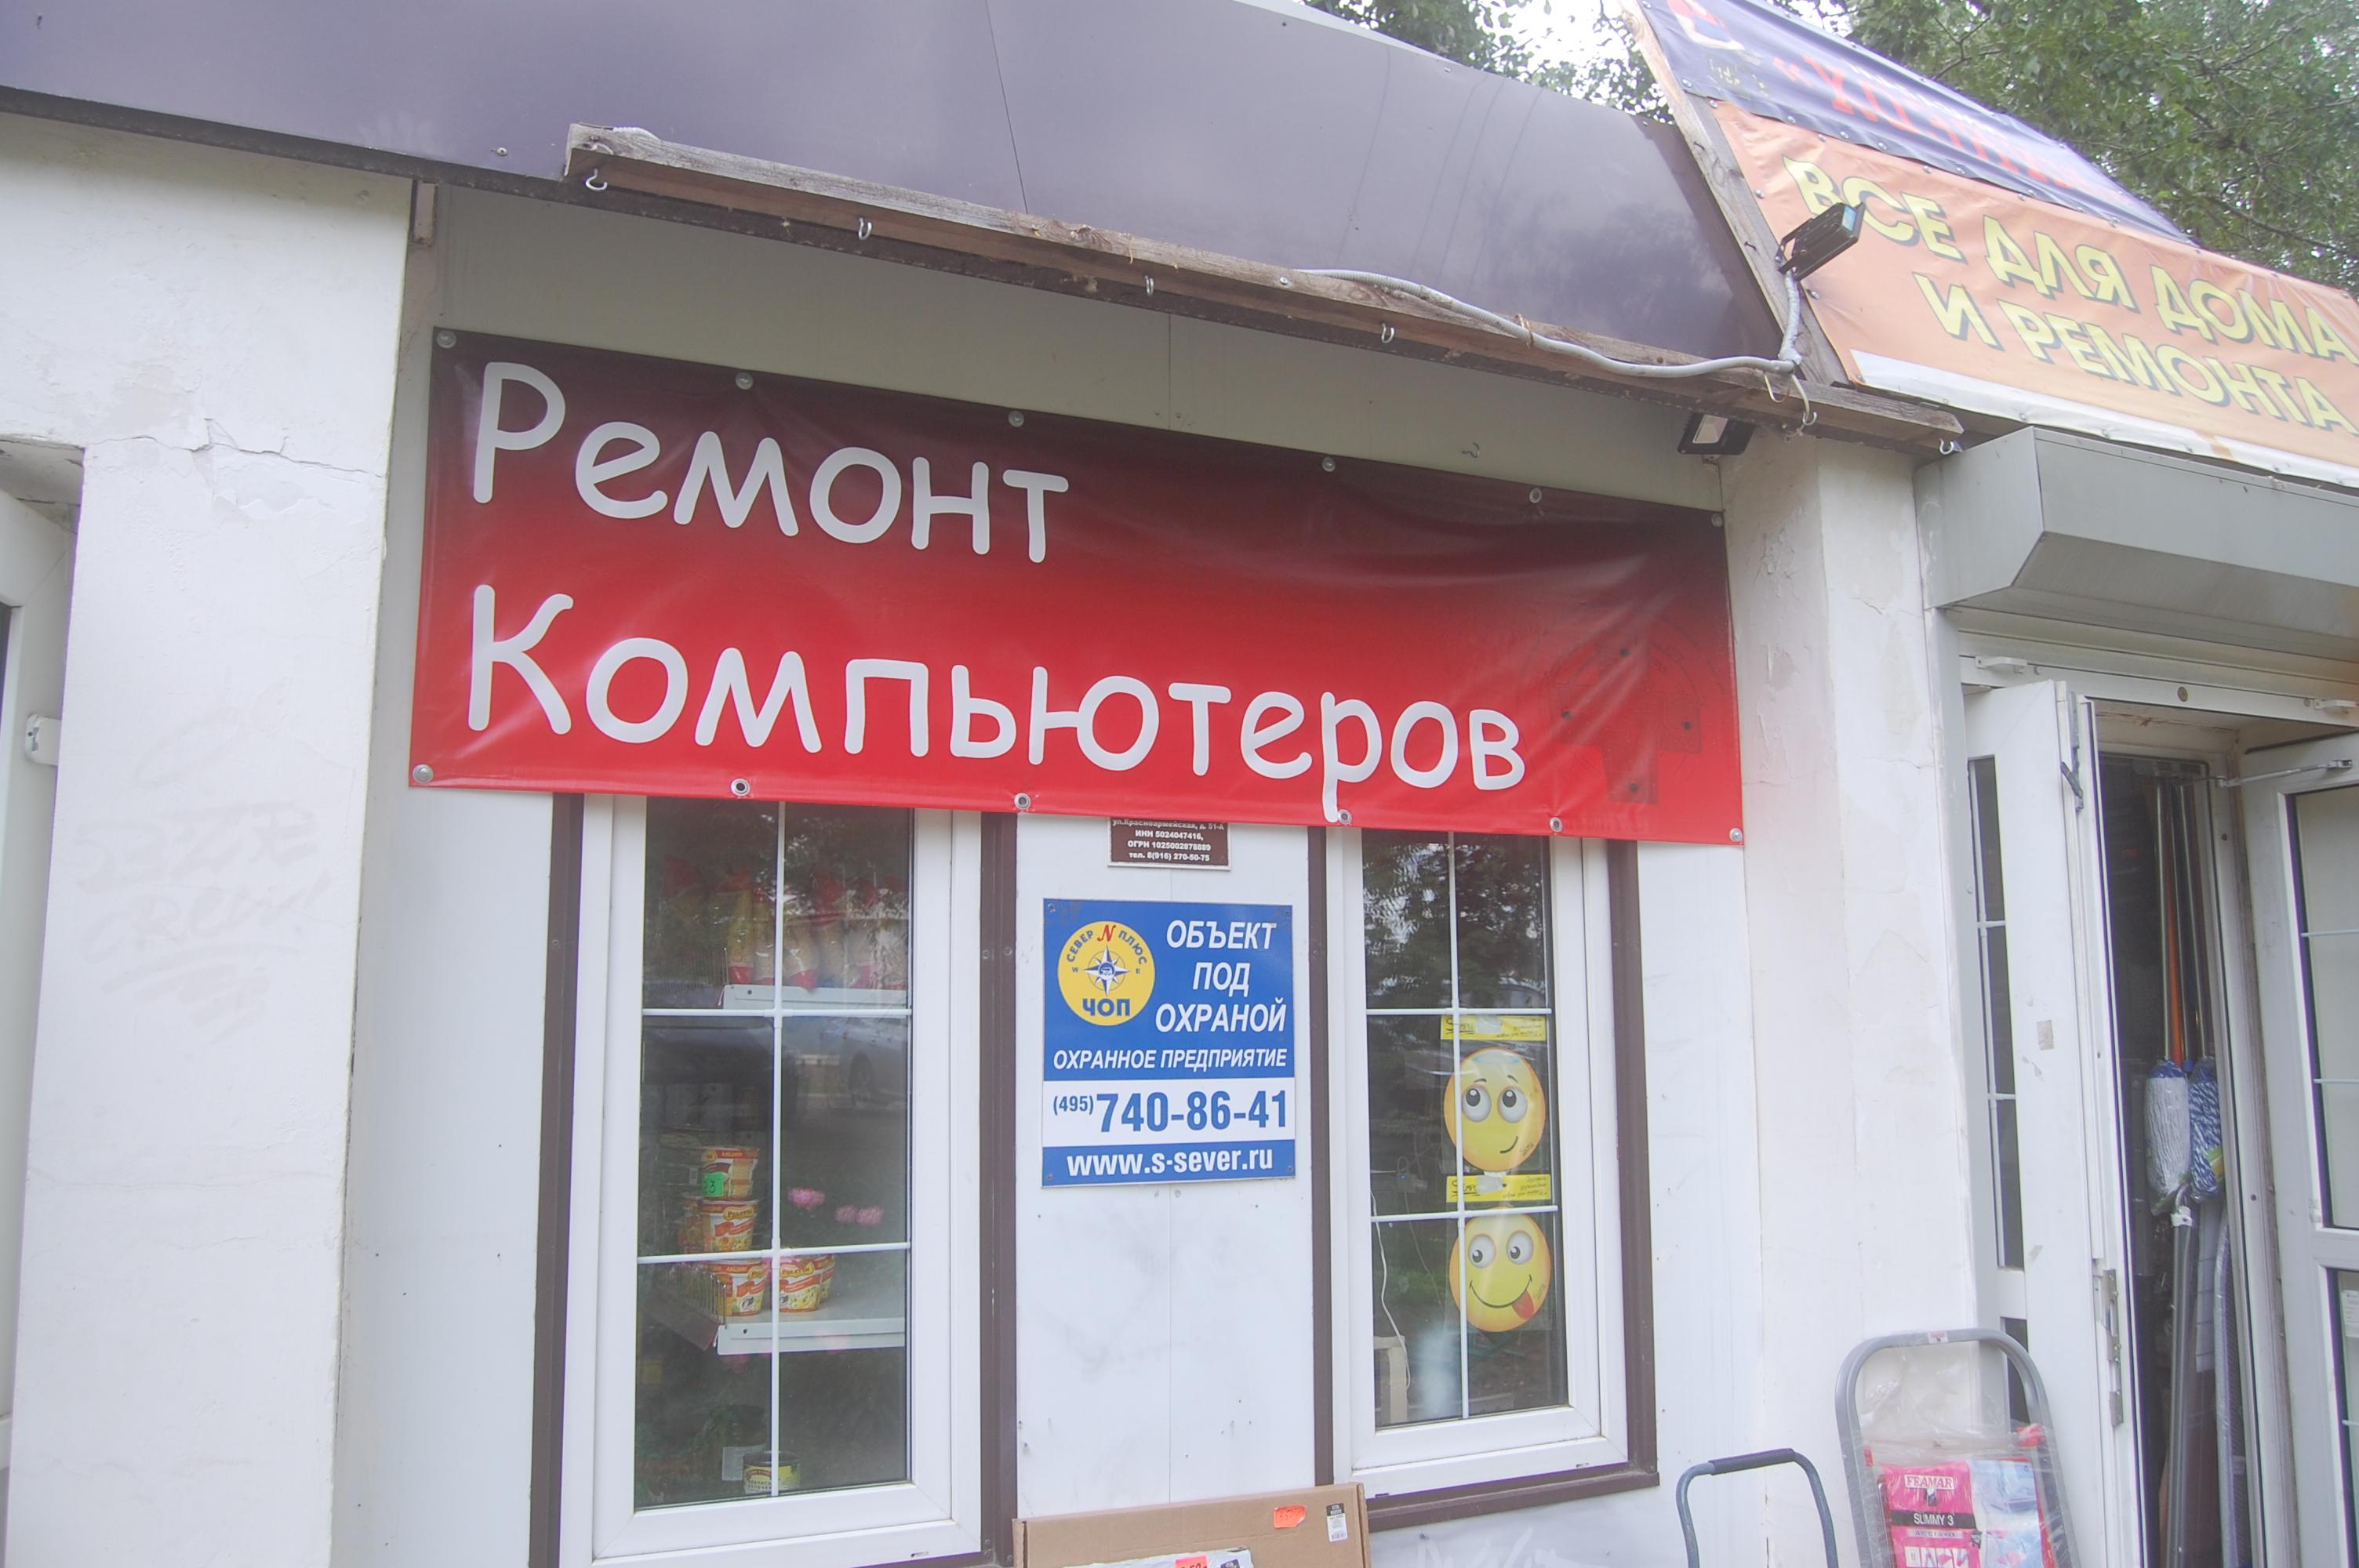 Ремонт компьютеров Нахабино Дедовск